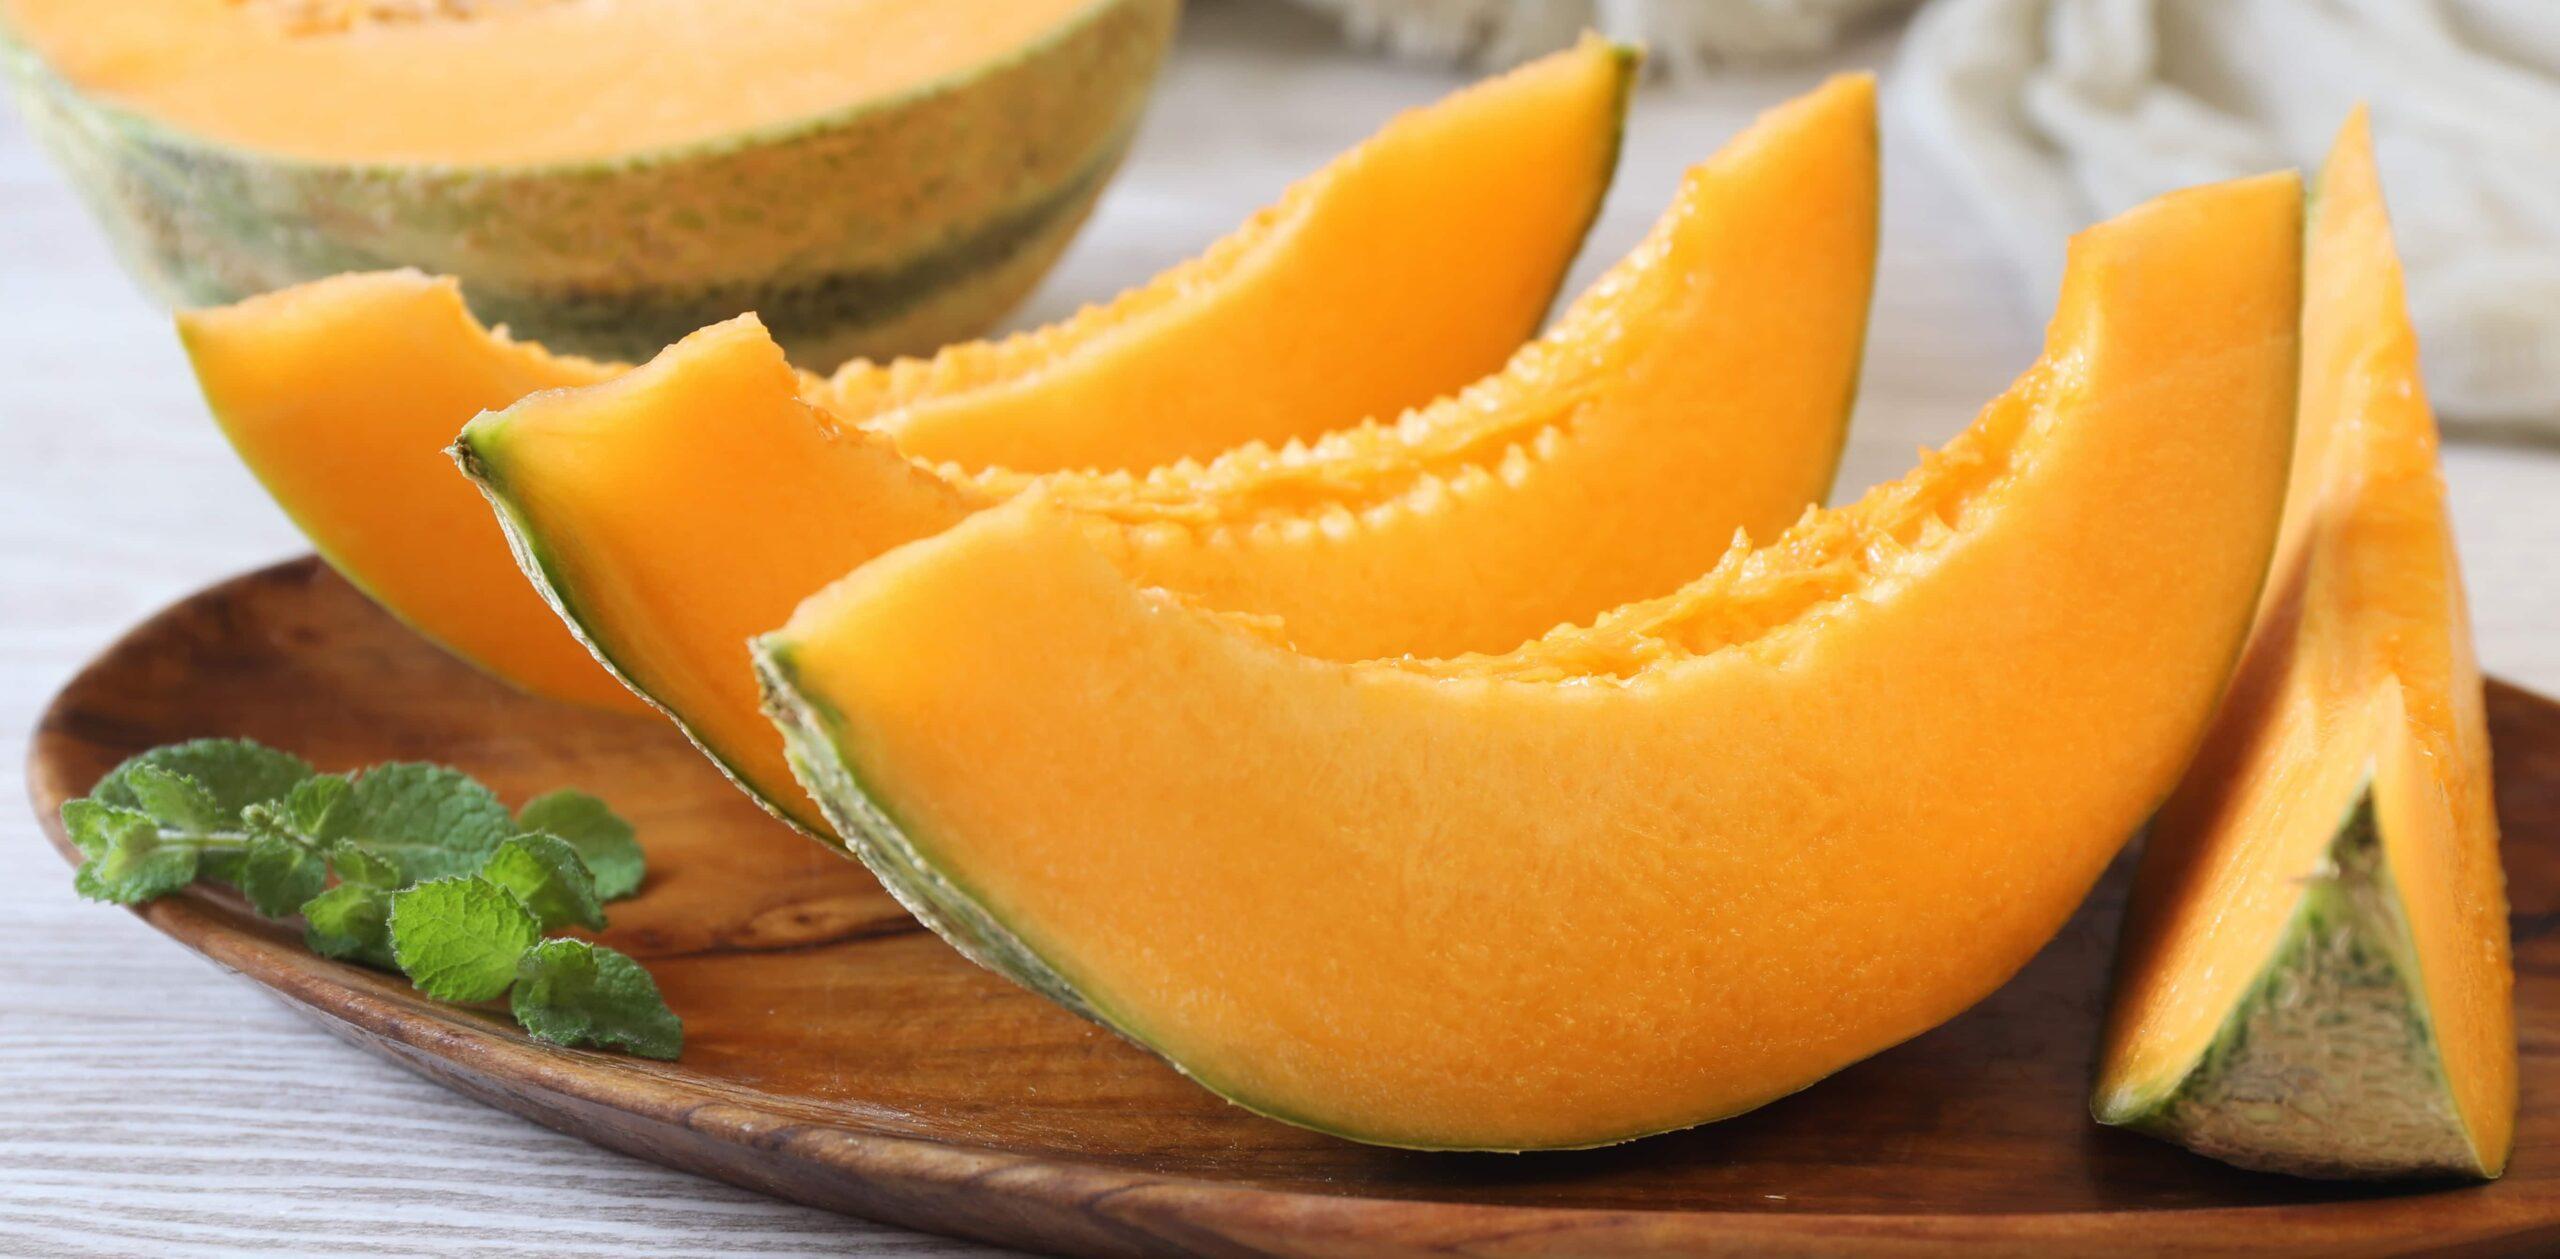 proprietà e benefici del melone a dieta